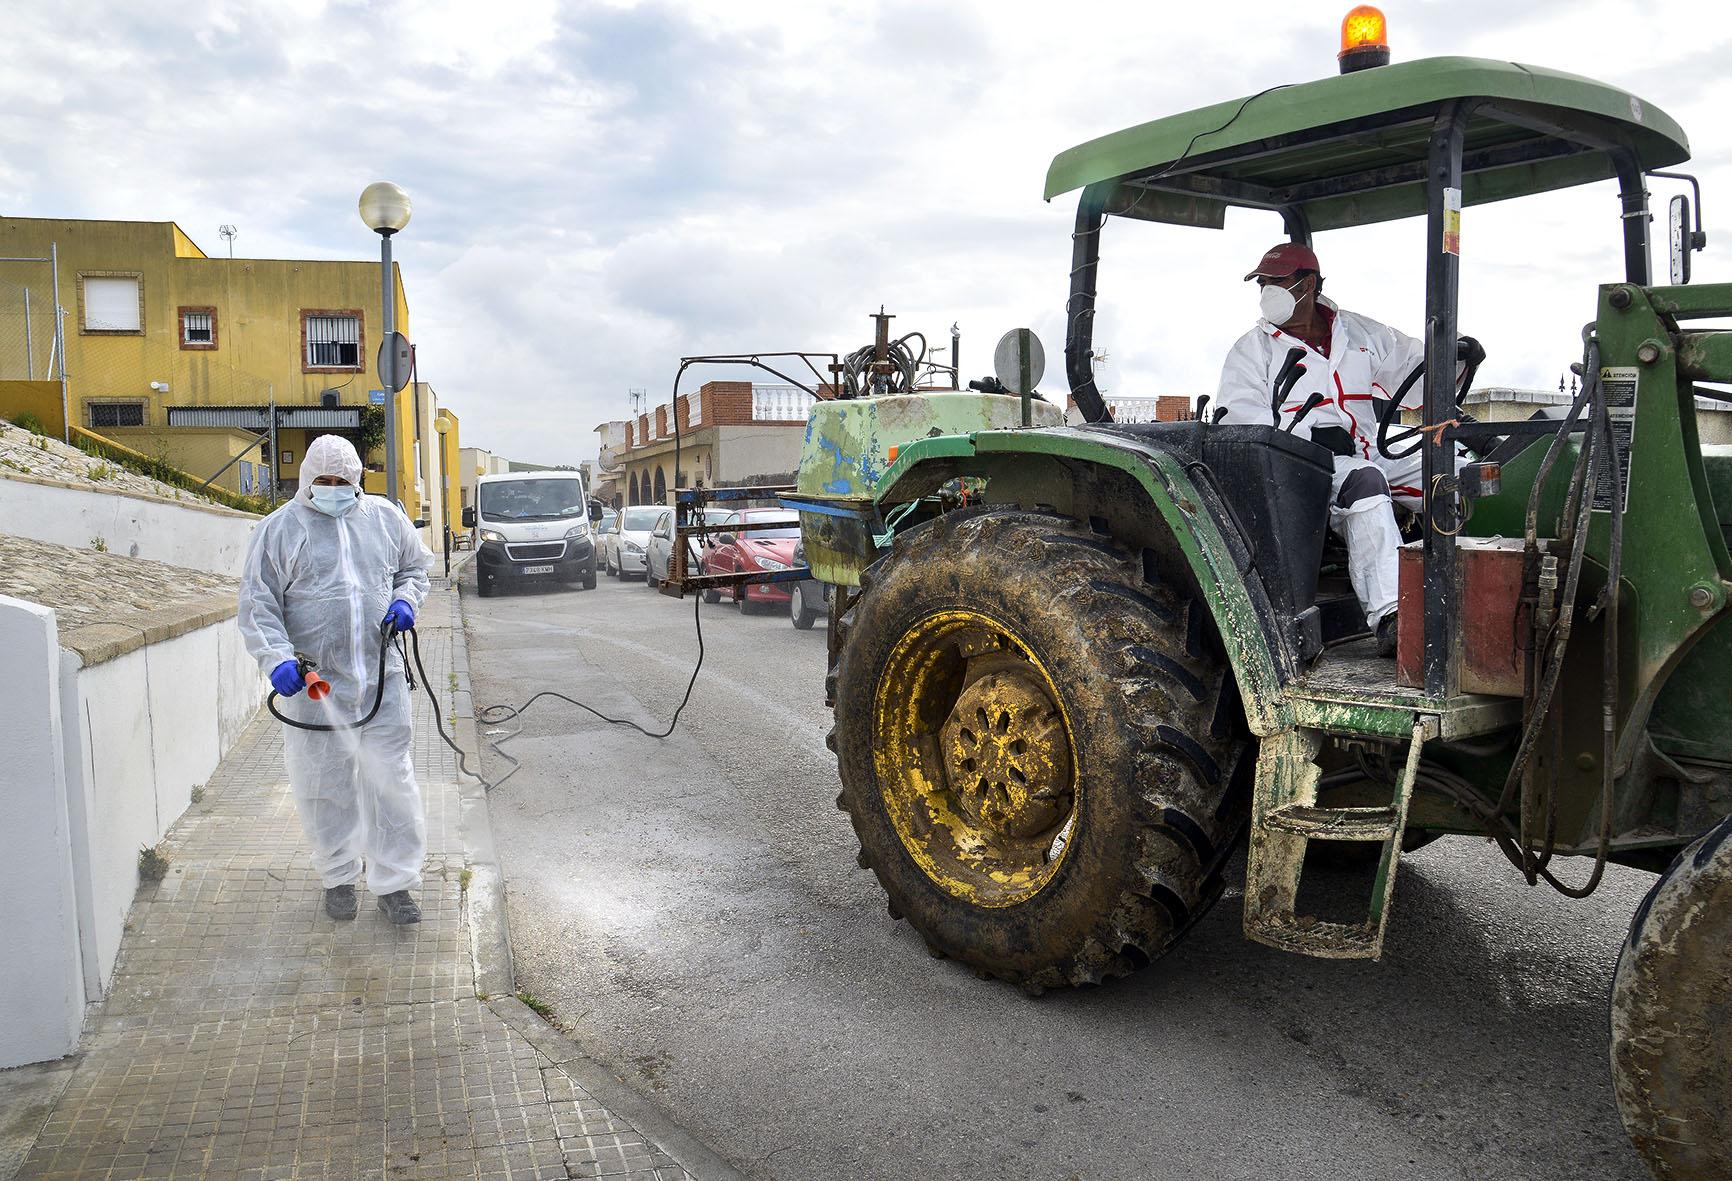 Agricultores realizando labores de limpieza y desinfección en la zona rural